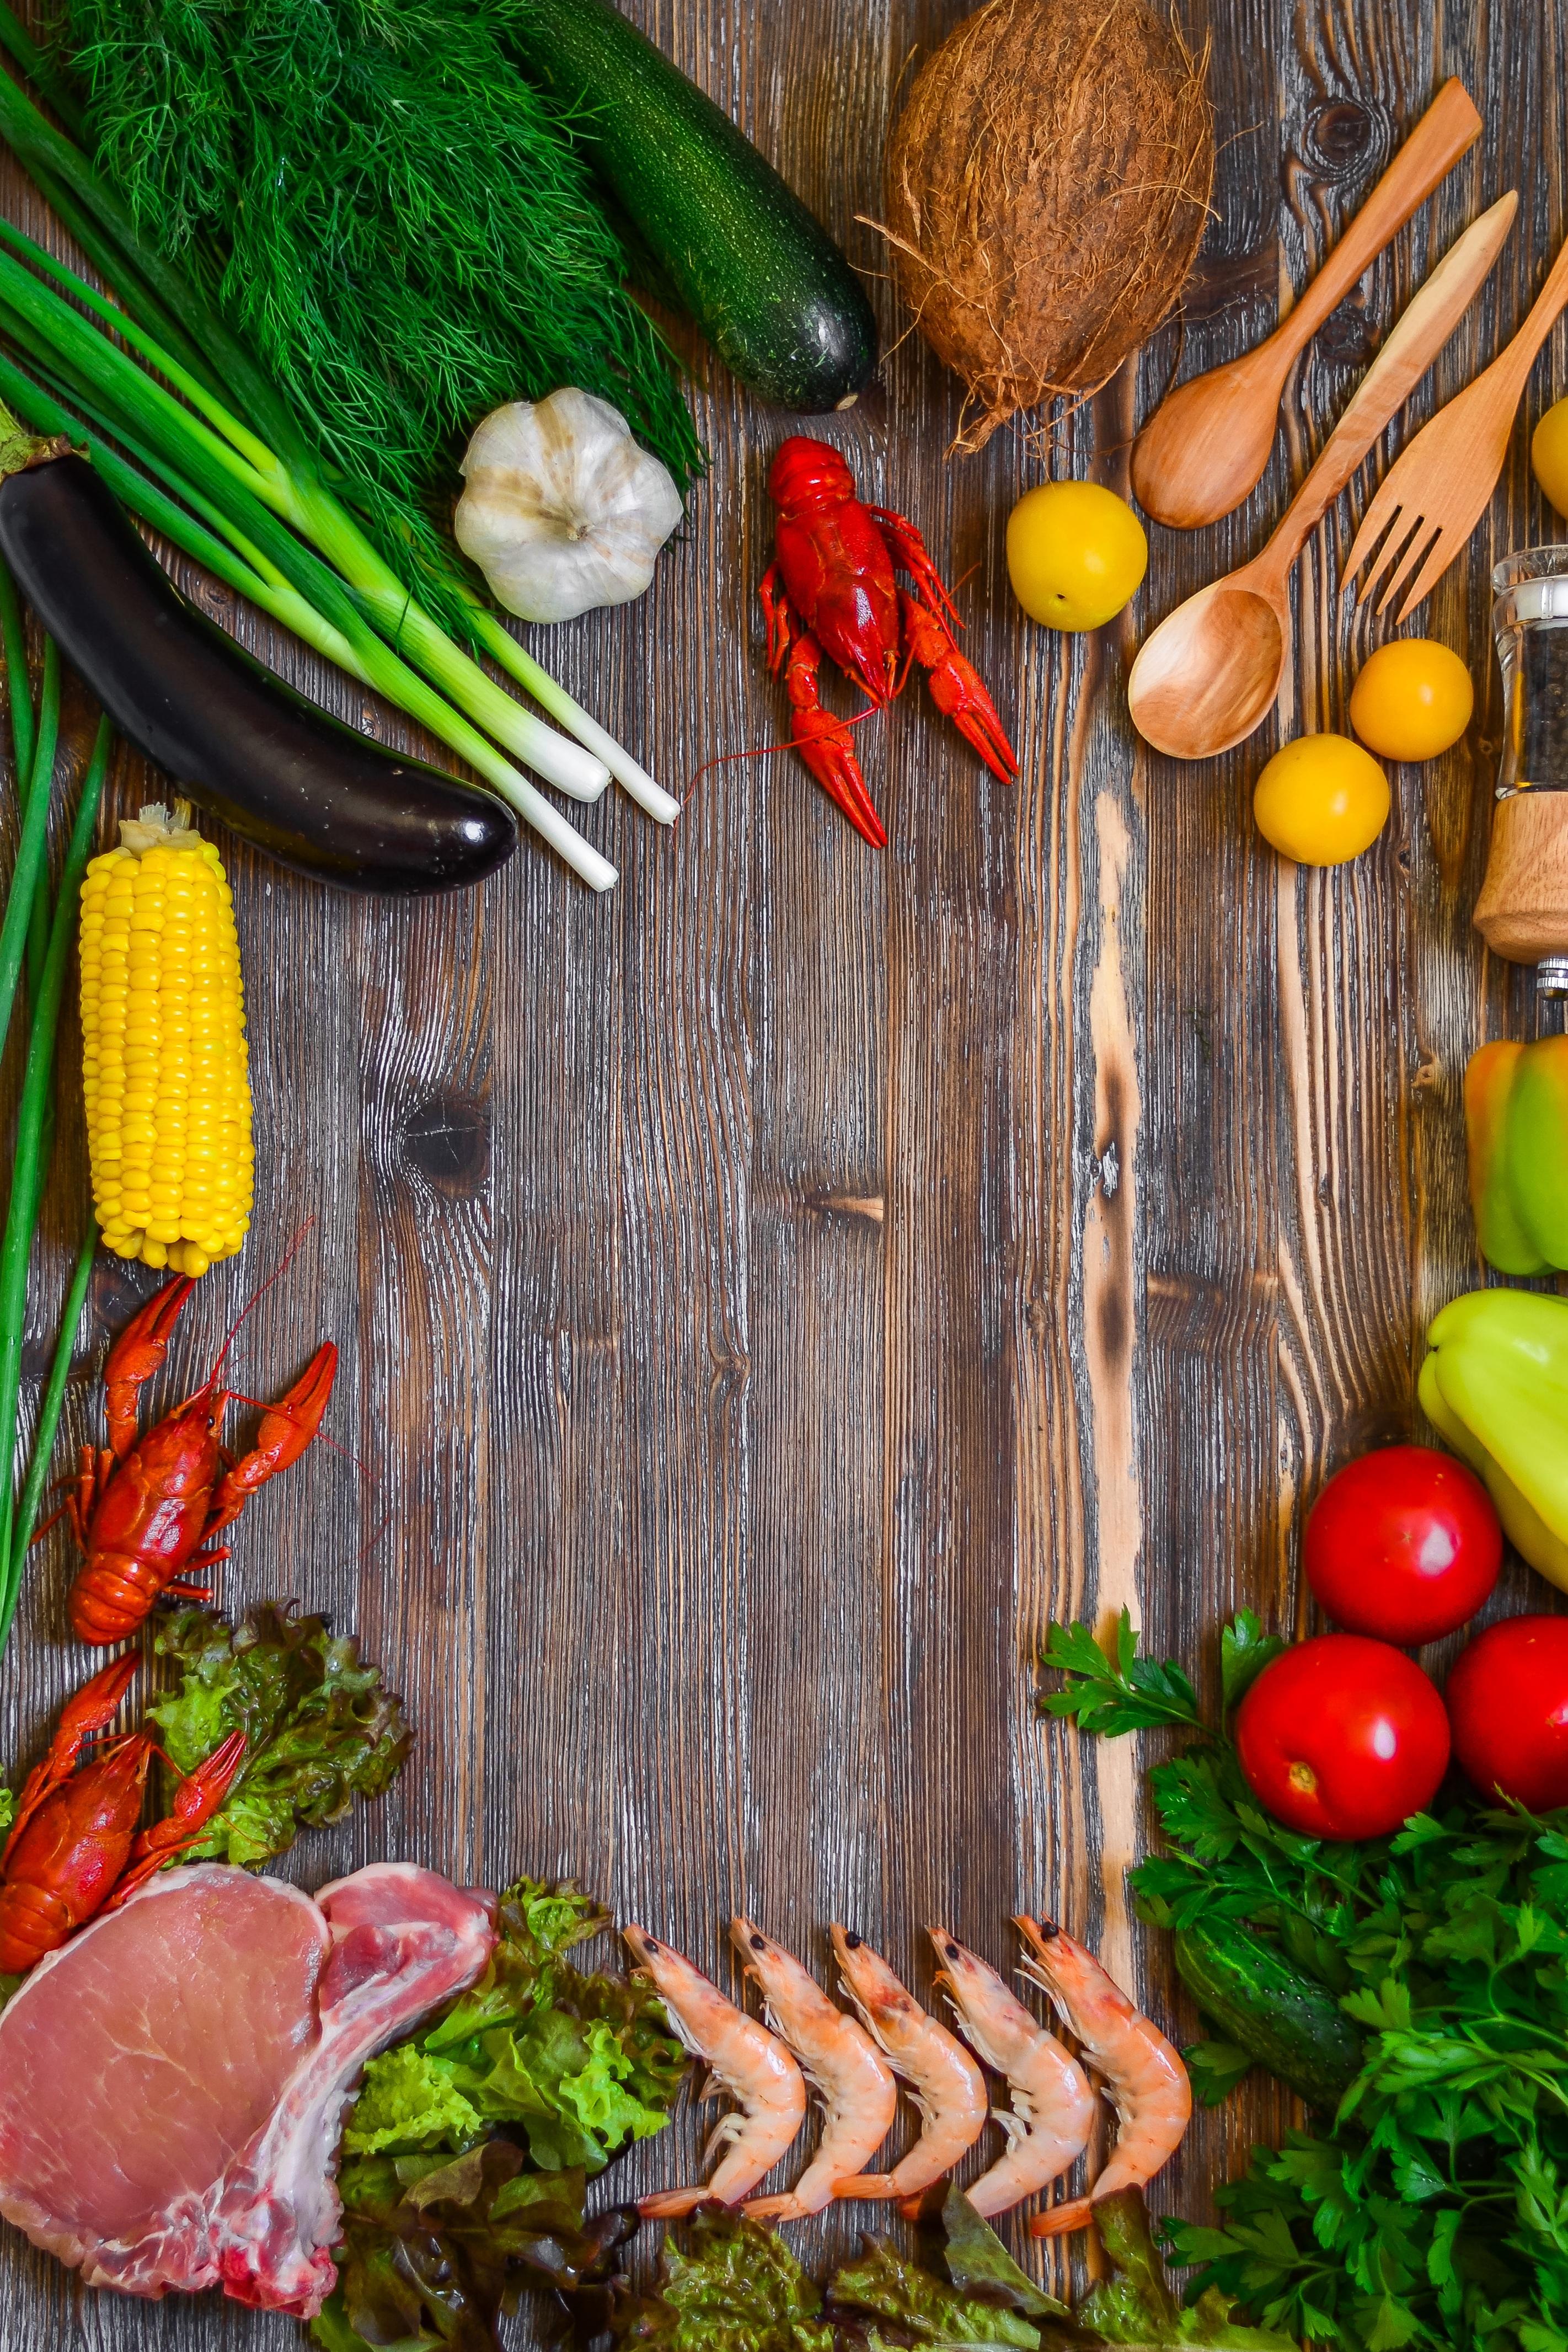 Ausgewogen ernähren mit Dr. Gabriela Hoppe | Erfolg durch Ernährung | Ernährungsspezialistin & Heilpraktikerin - Hintergrundbild by Pixabay